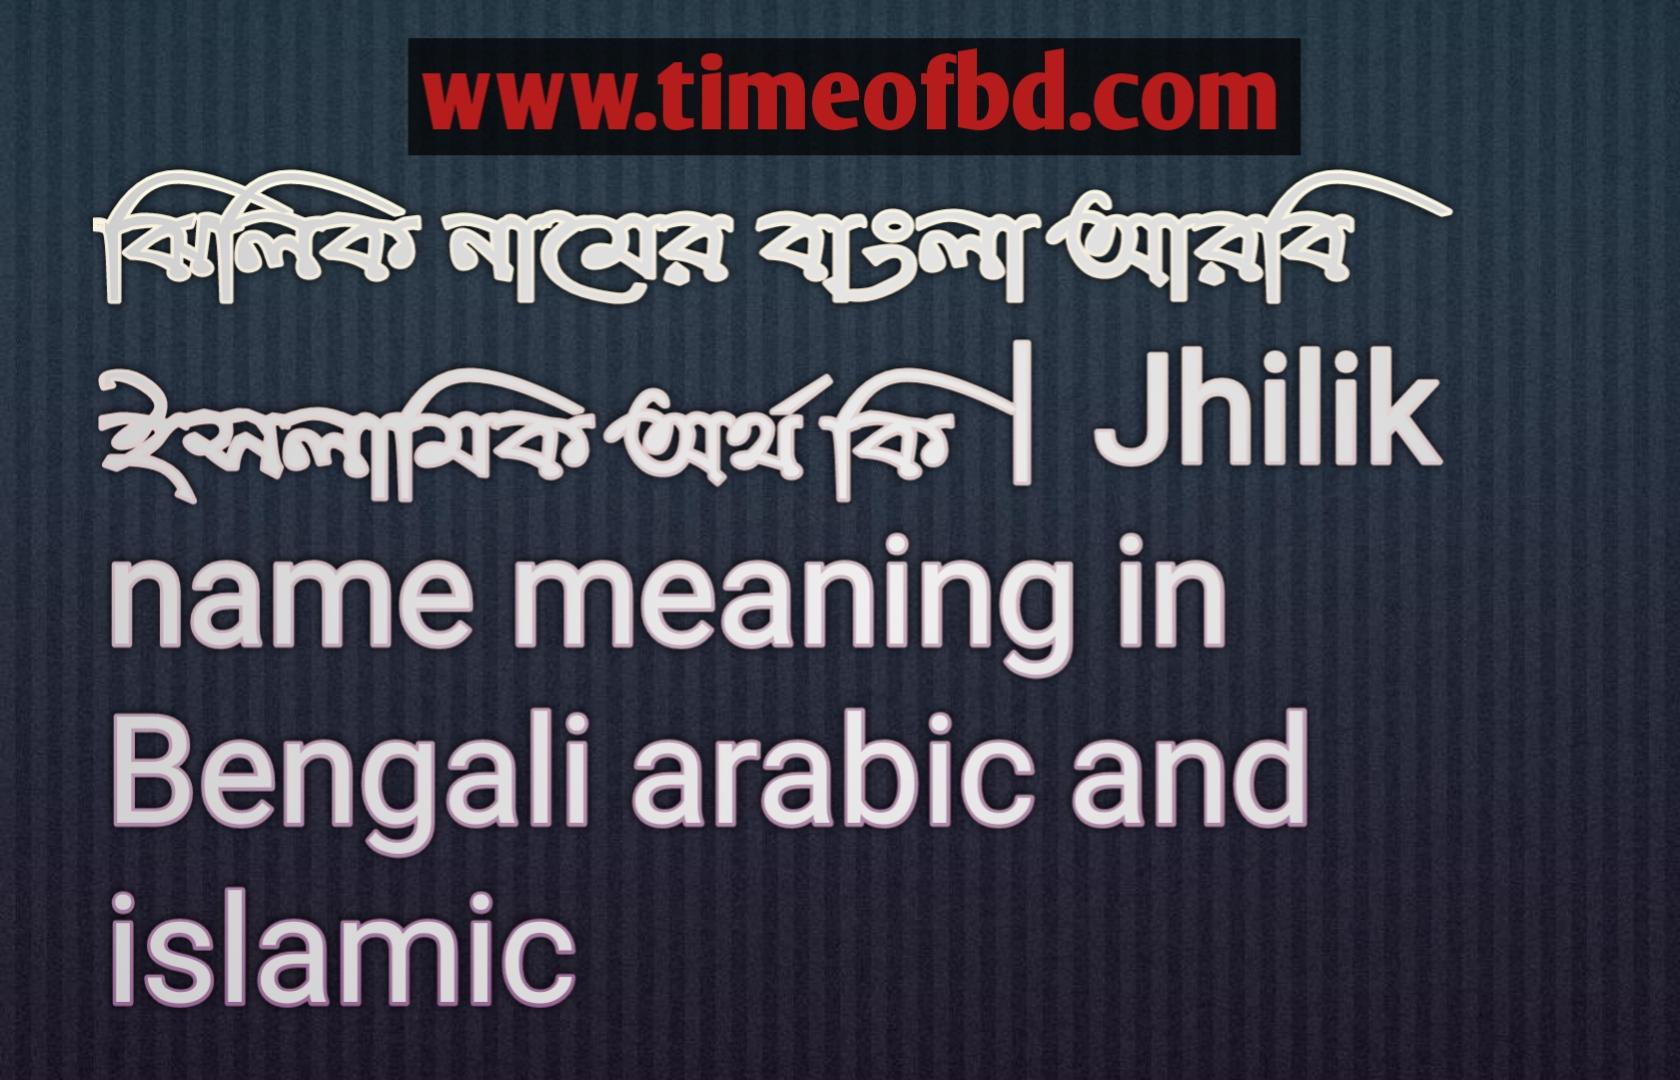 ঝিলিক নামের অর্থ কি, ঝিলিক নামের বাংলা অর্থ কি, ঝিলিক নামের ইসলামিক অর্থ কি, Jhilik name meaning in Bengali, ঝিলিক কি ইসলামিক নাম,